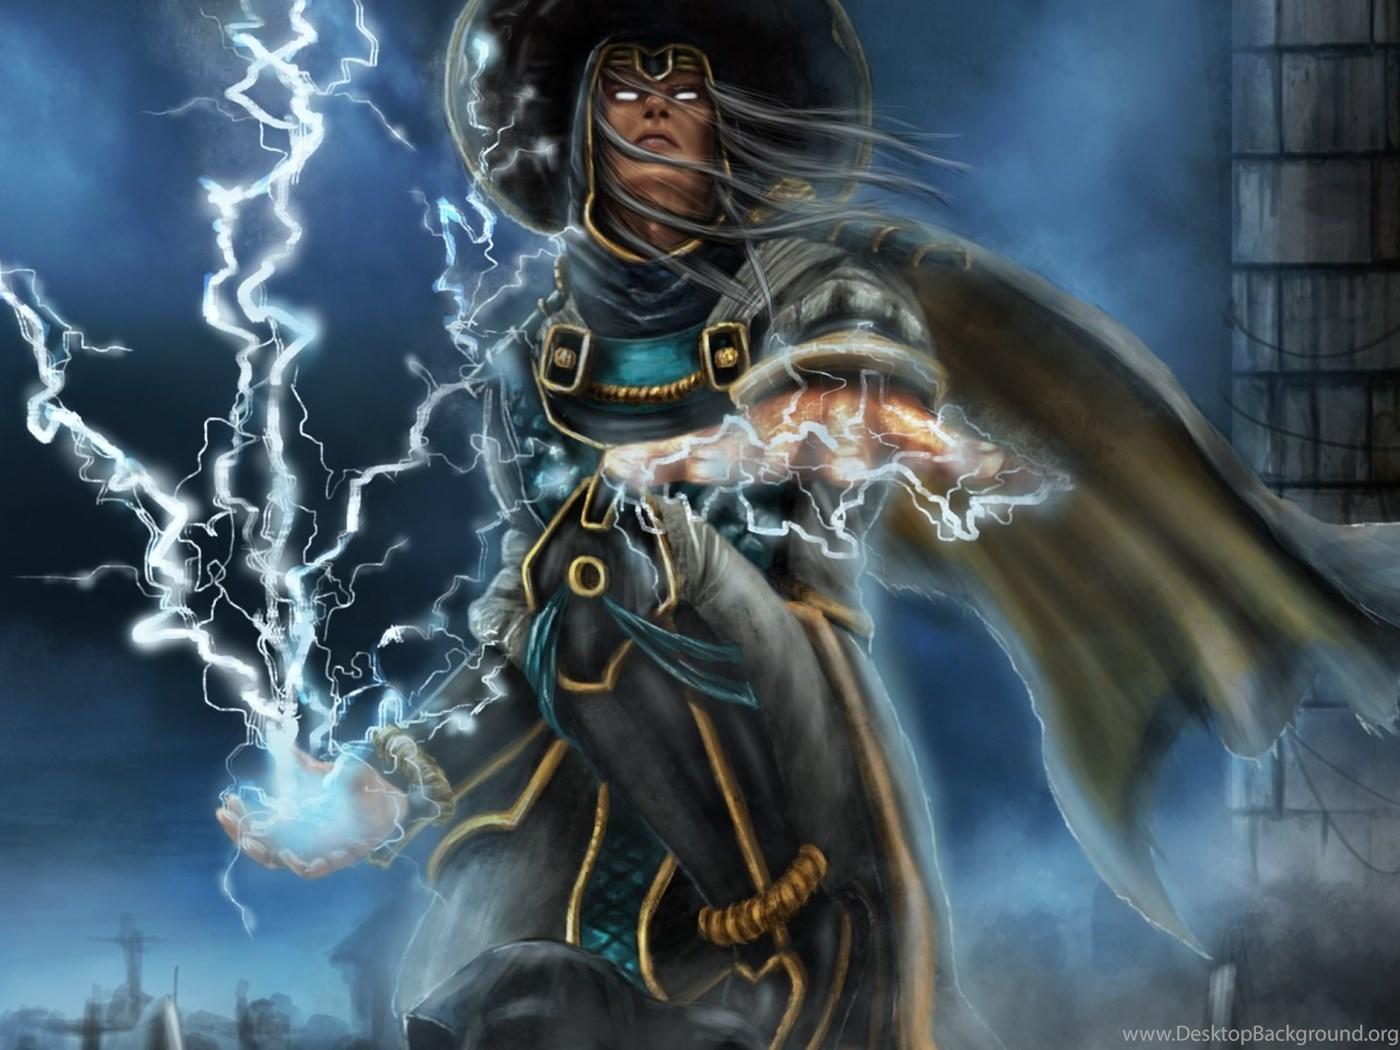 Mortal Kombat Fan Art Hd Wallpapers 4k Wallpapers Desktop Background